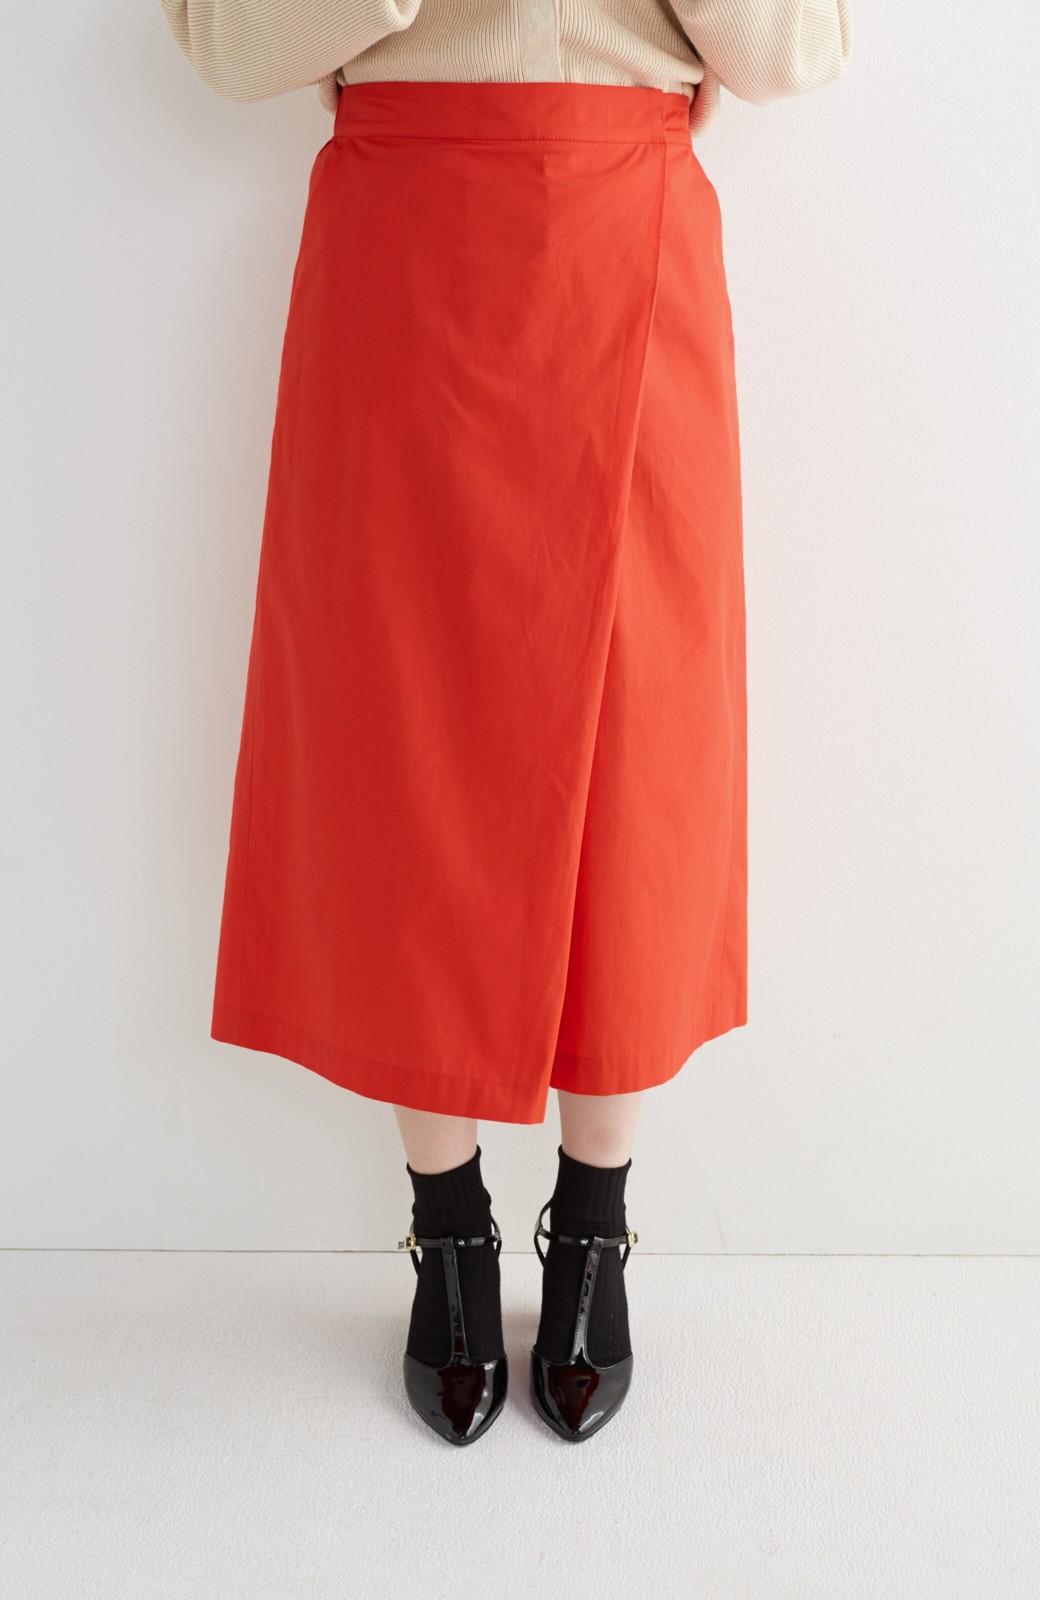 エムトロワ 【mer6月号掲載】きちんと見えつつ動きやすい 大人きれいスカーチョ <レッド>の商品写真1